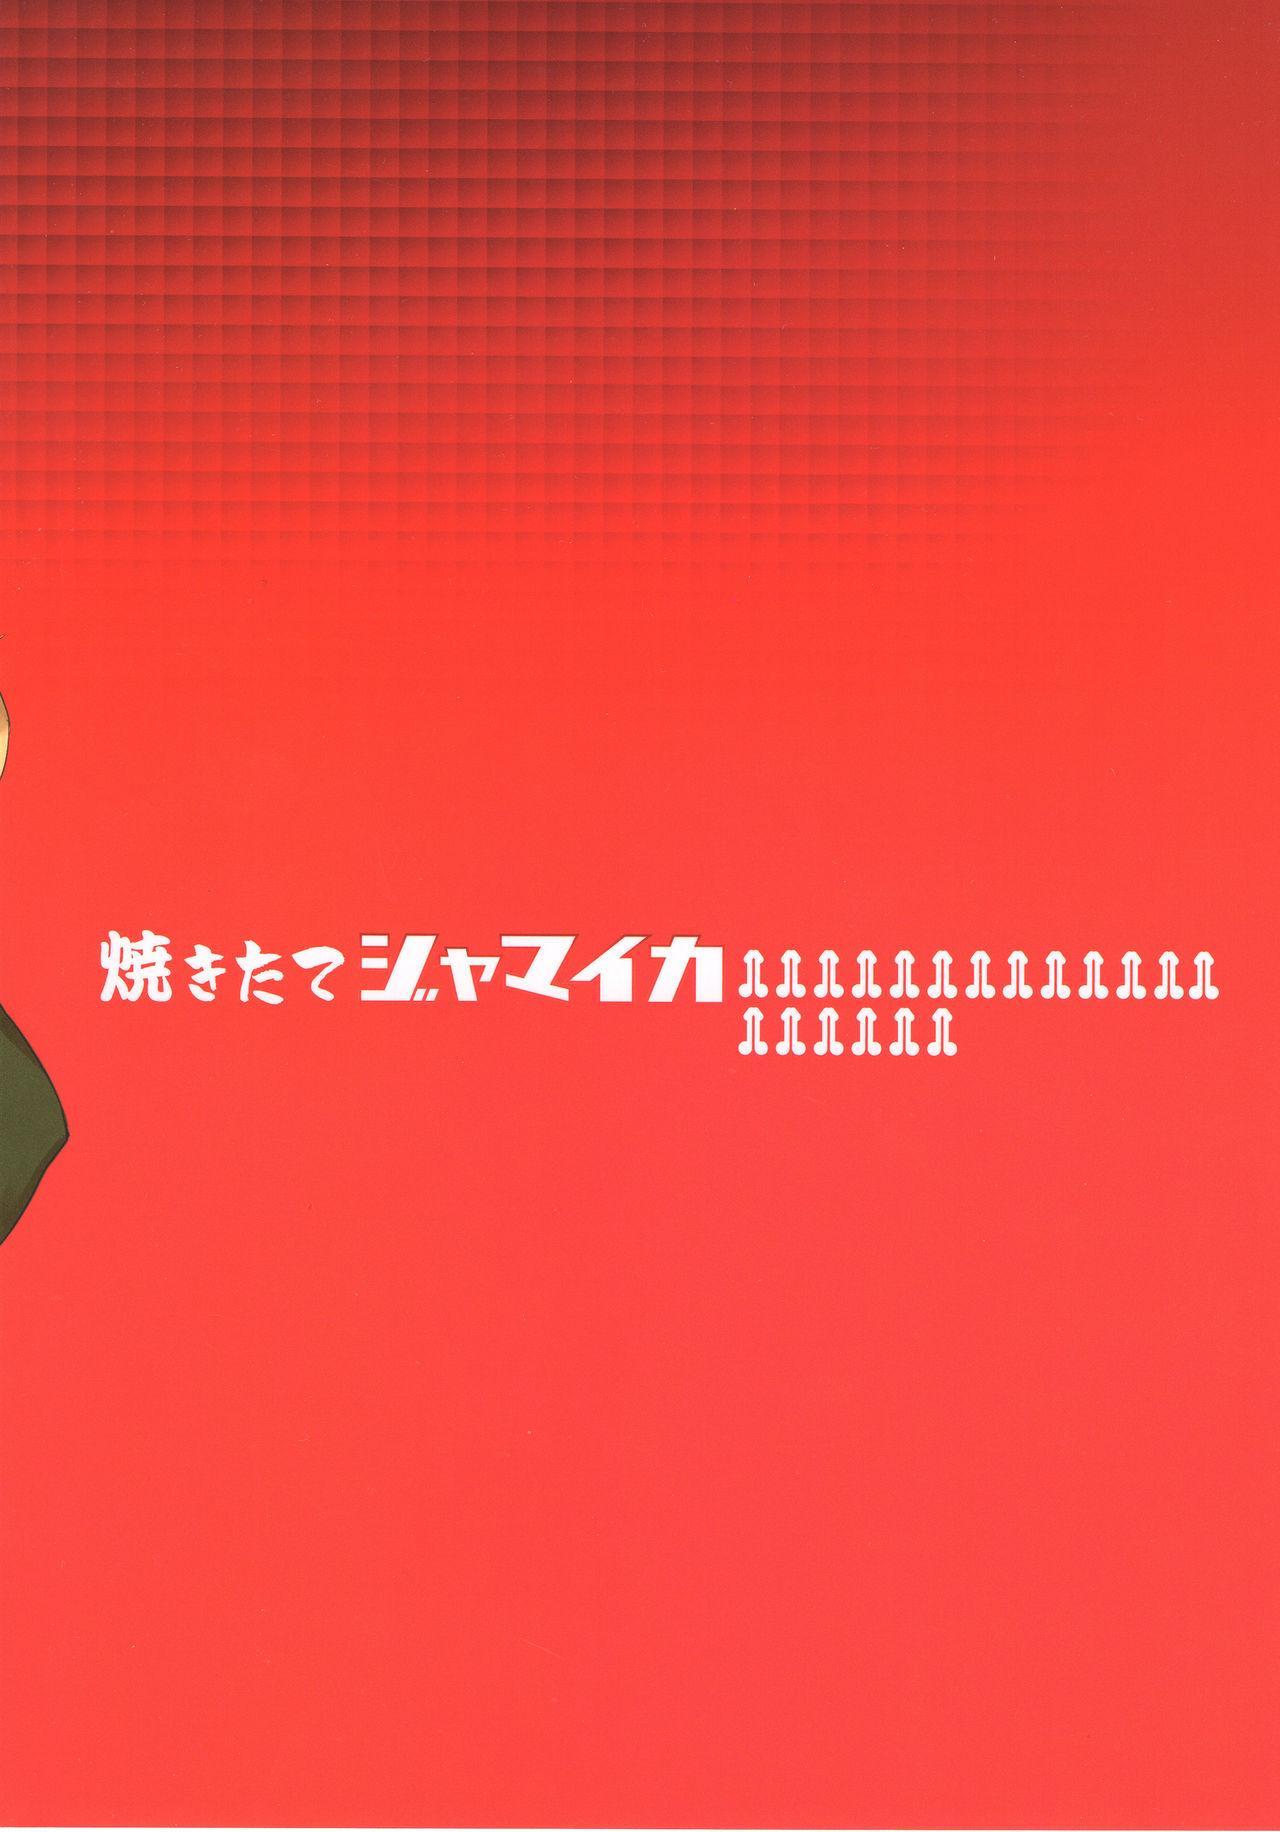 (C93) [Yakitate Jamaica (Aomushi)] Renzoku Taikyuu 8-jikan: Okay-san ga 8-jikan Buttooshi de Taikyuu Ecchi Suru Hon (Girls und Panzer) 35